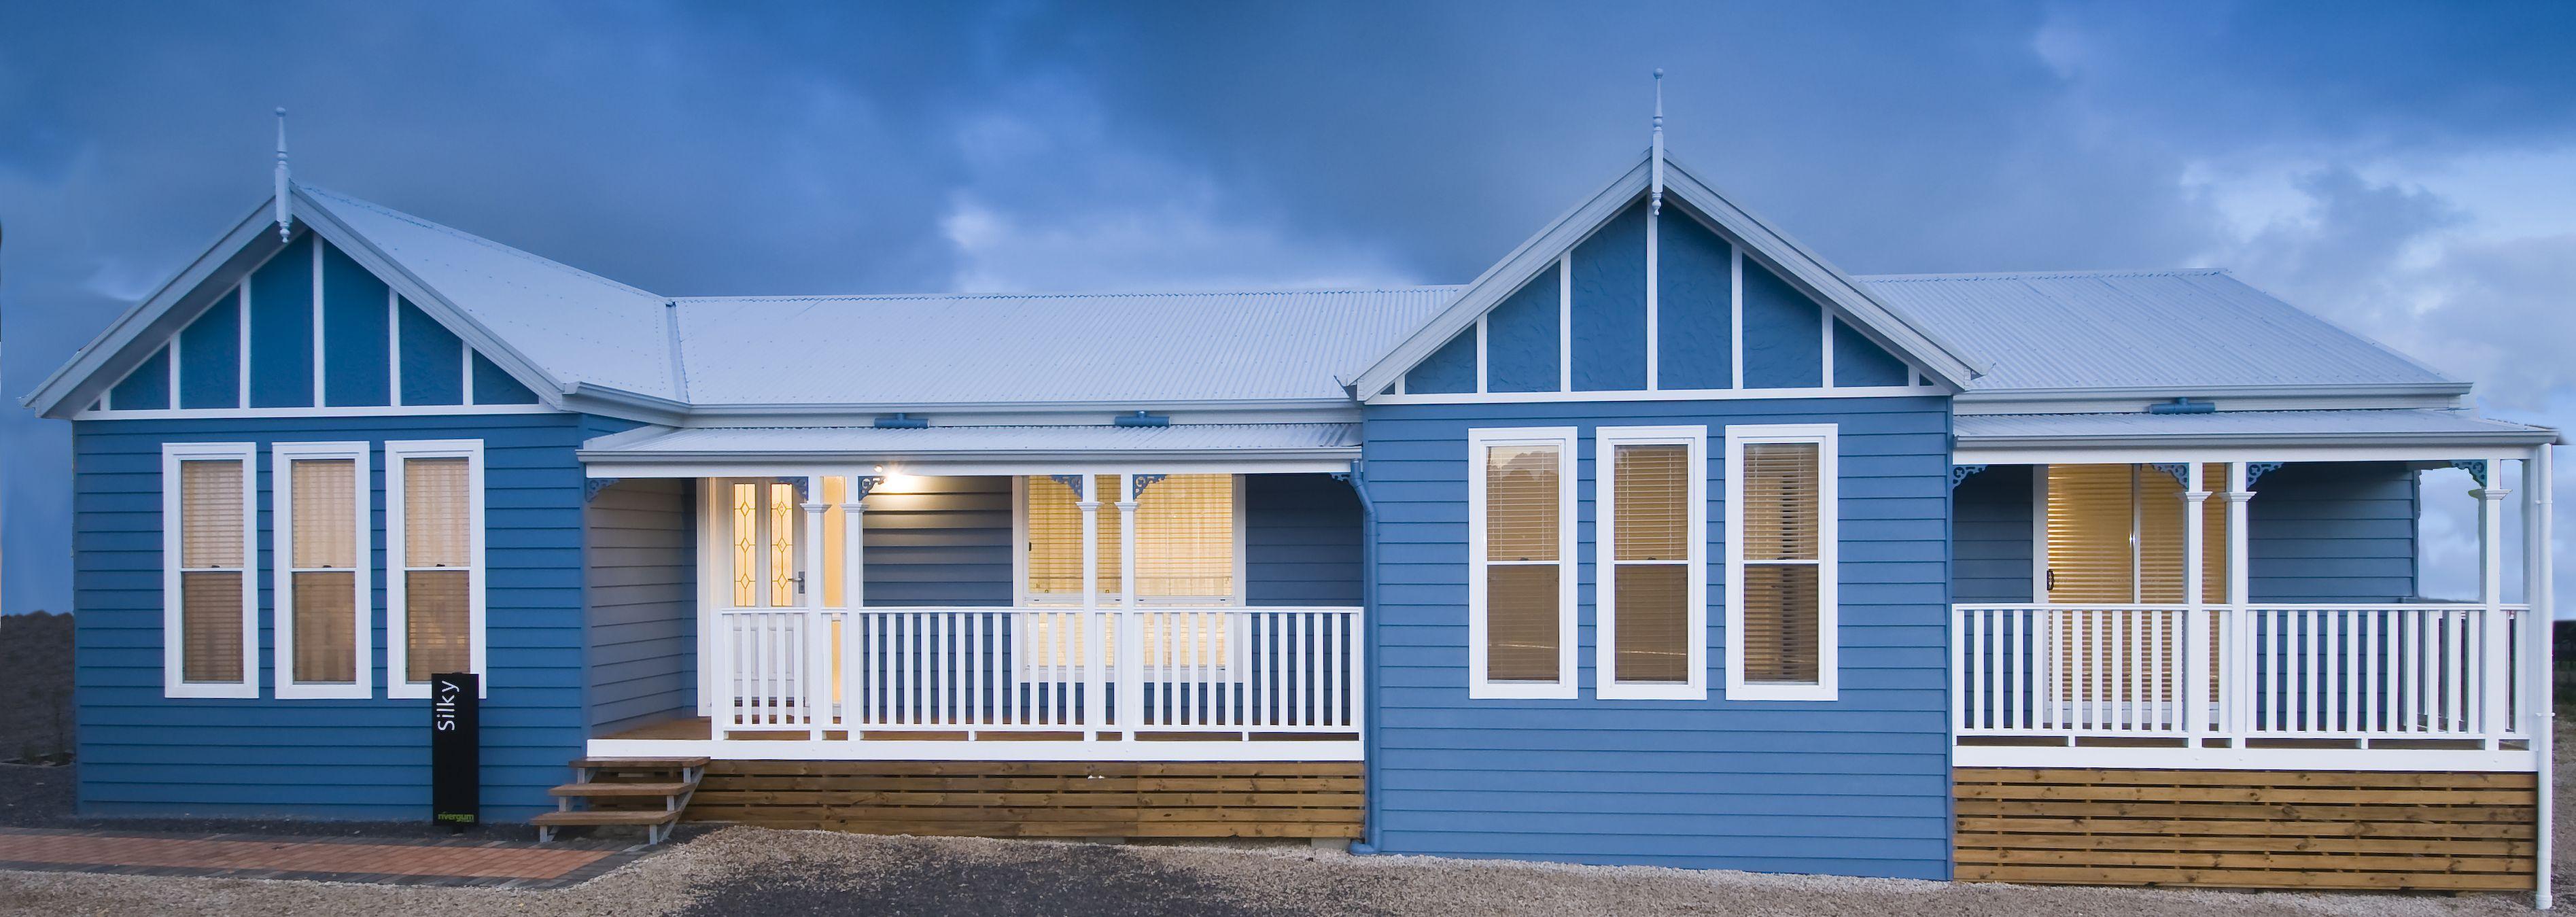 Silky Display Home at Hackham http://sa.rivergumhomes.com.au/home ...